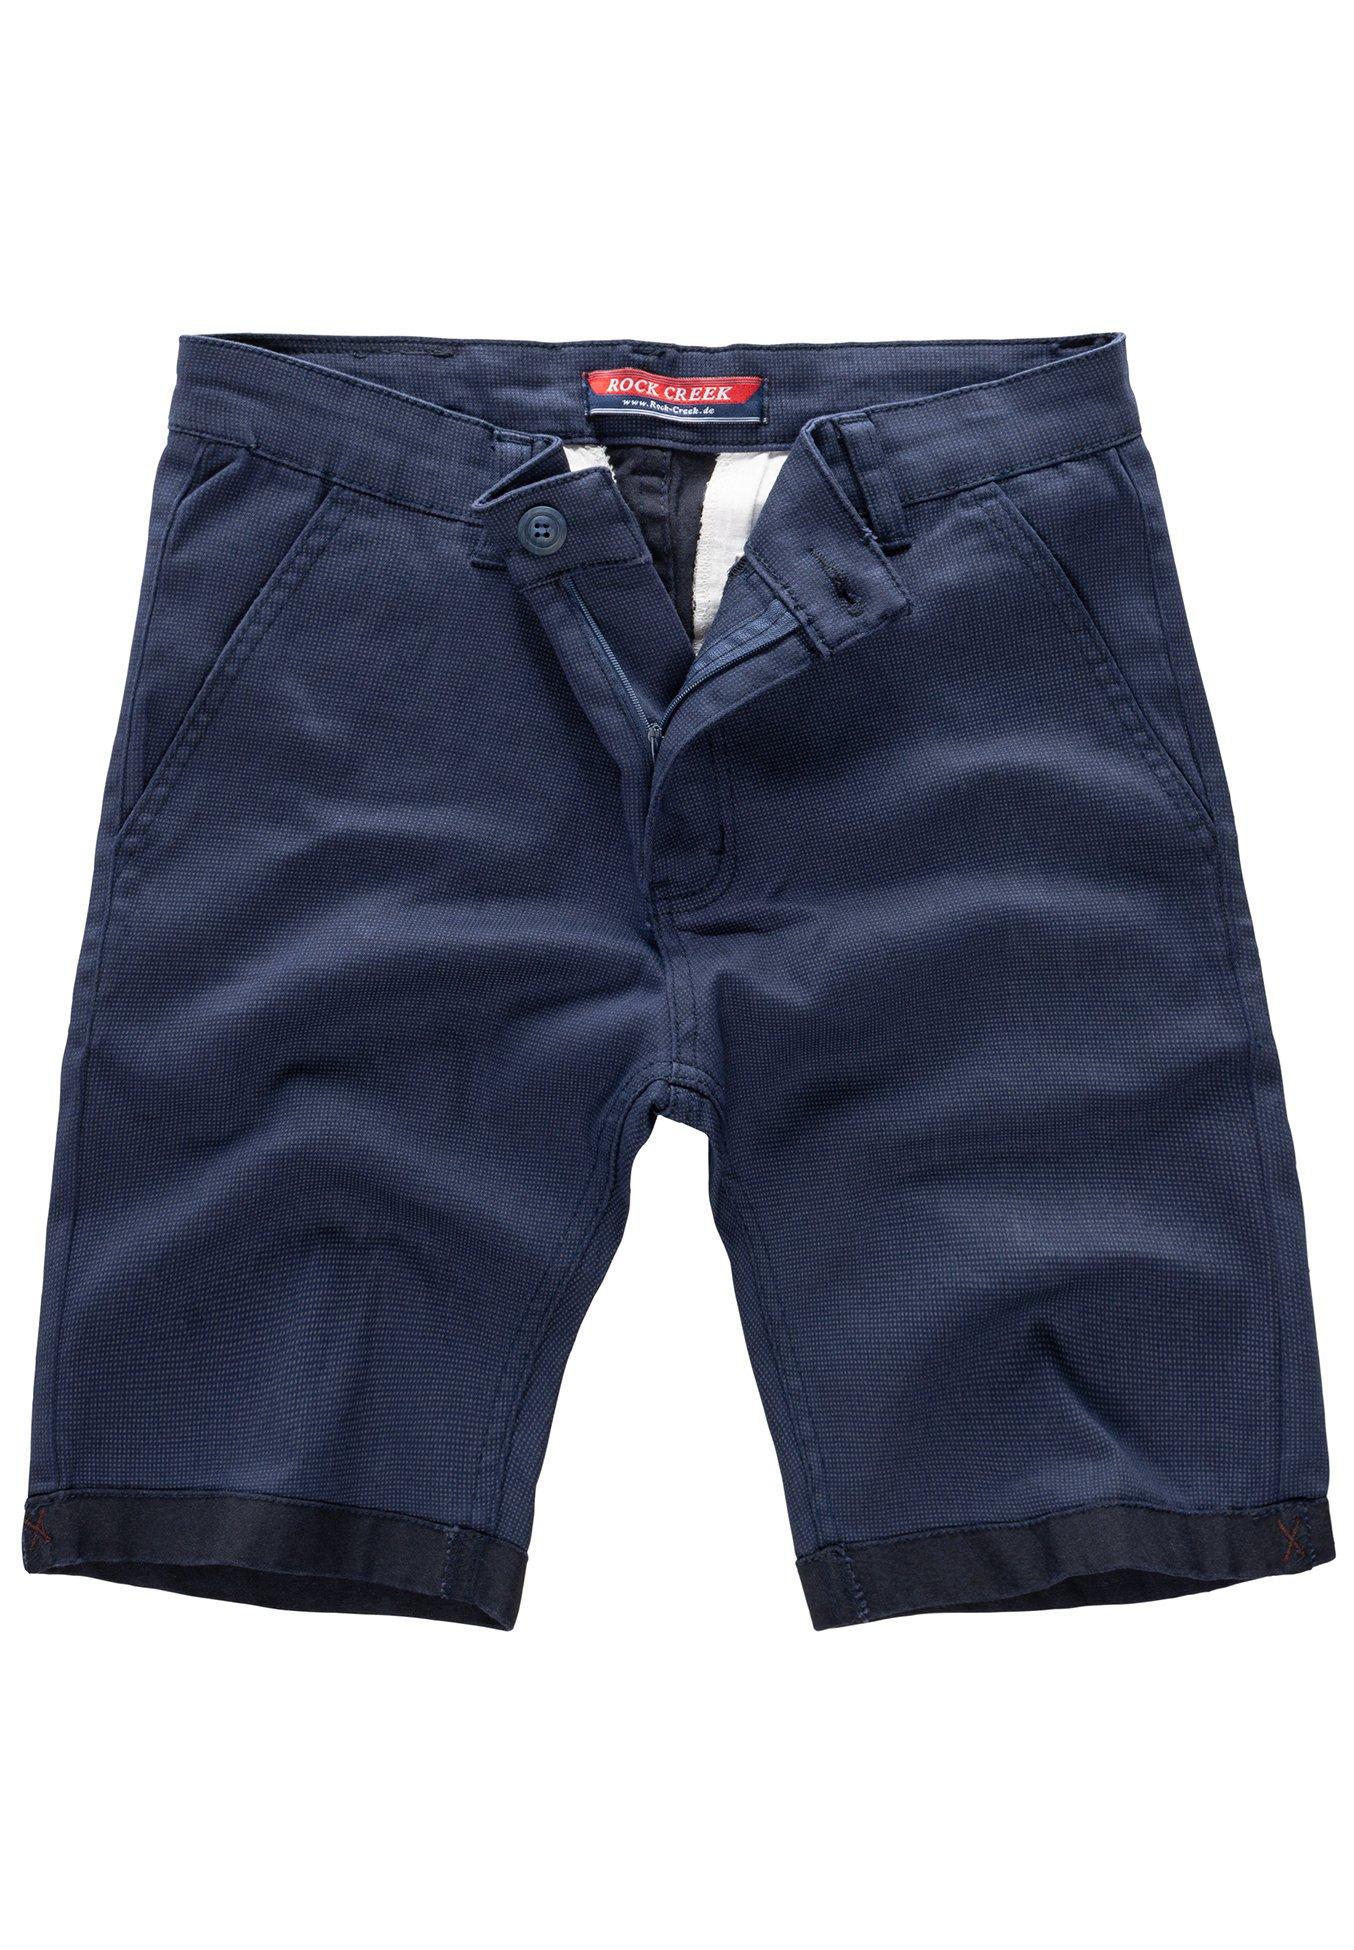 Herren SHORTS CHINO SHORTS STRETCH - Shorts